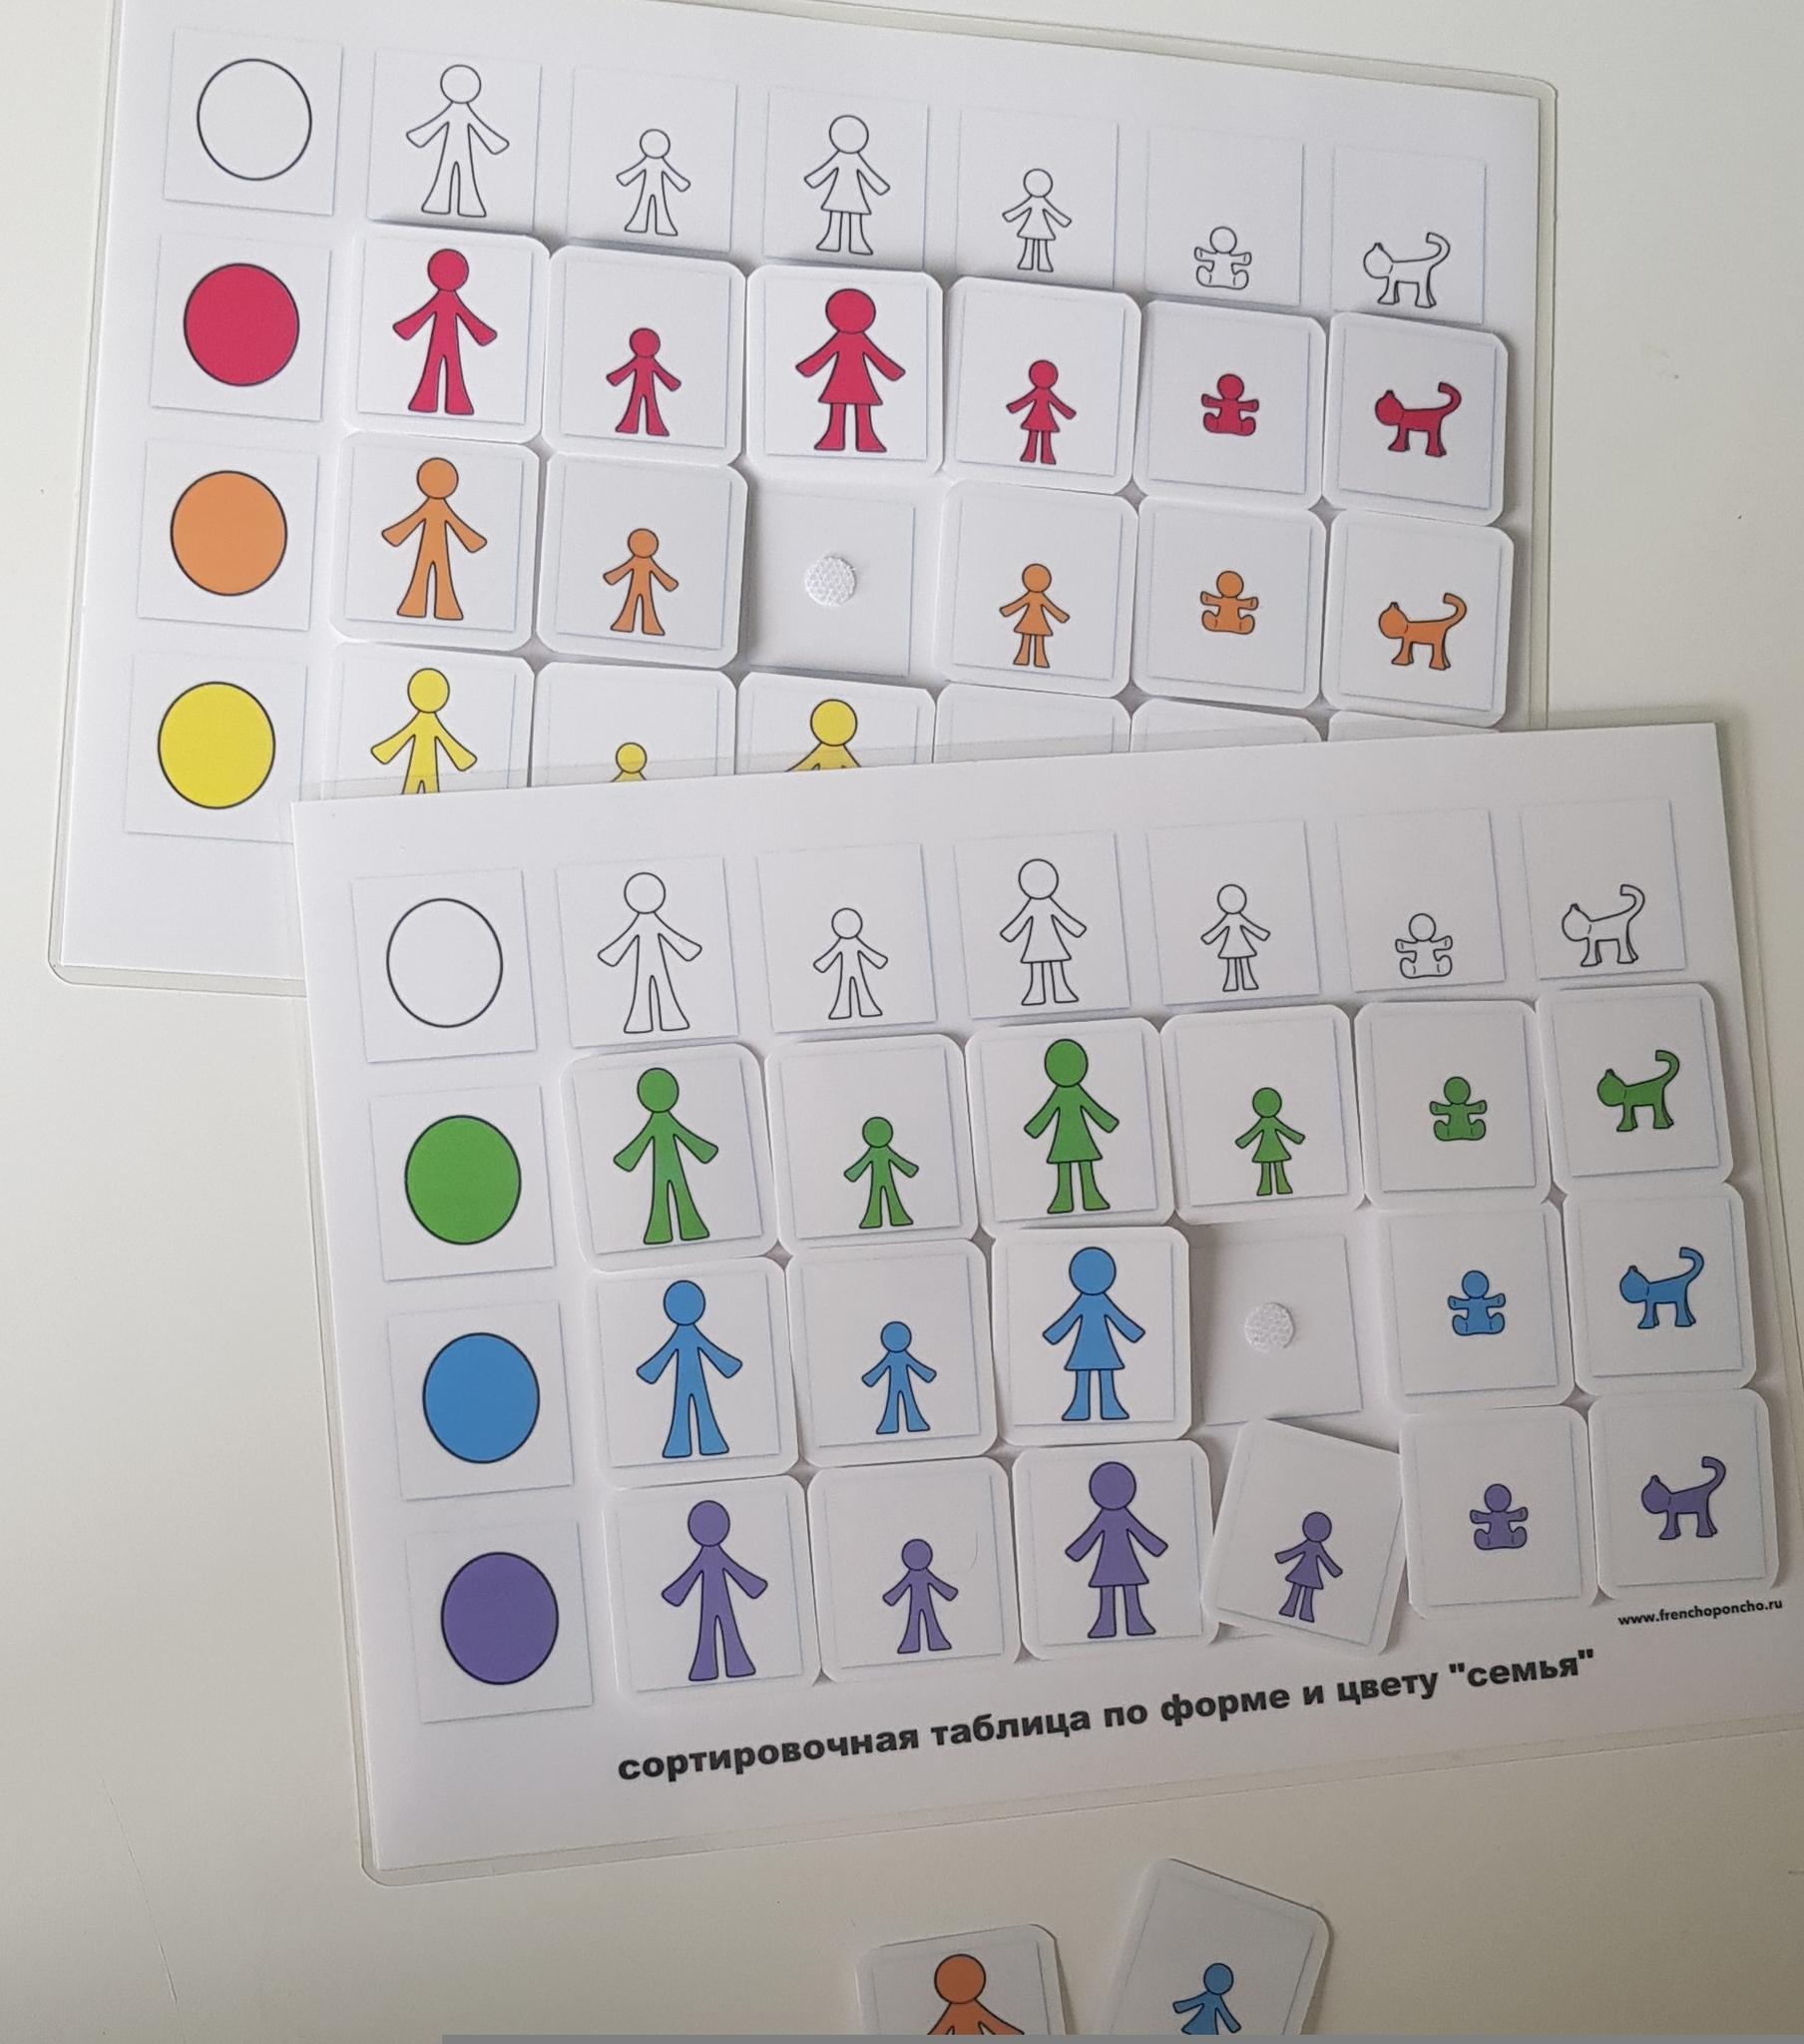 """Сортировочная таблица по форме и цвету """"Семья"""". Развивающие пособия на липучках Frenchoponcho (Френчопончо)"""